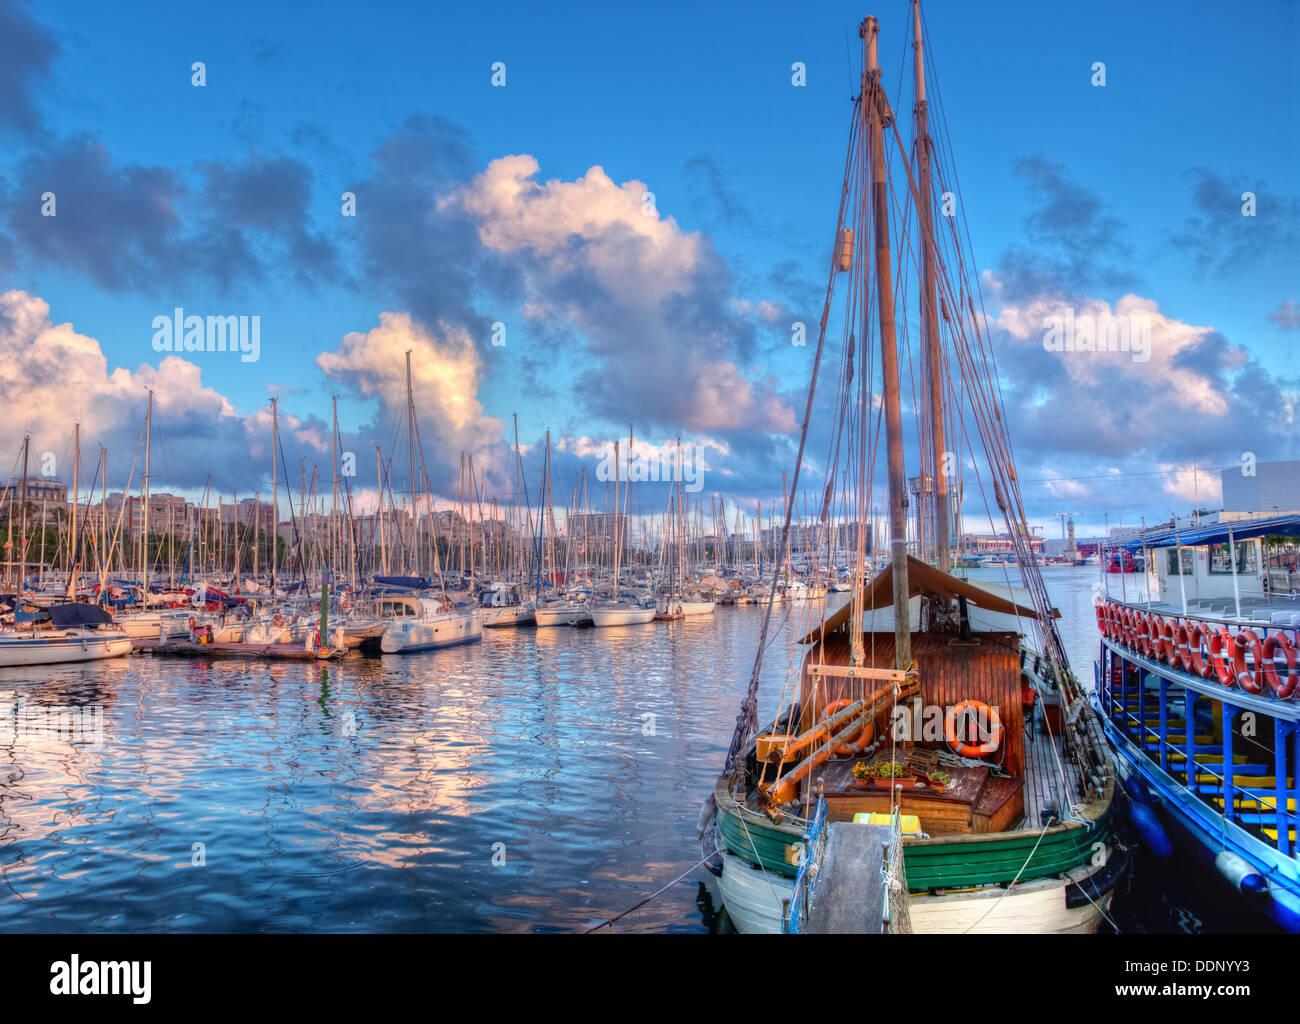 Le port de Barcelone, au coucher du soleil Photo Stock